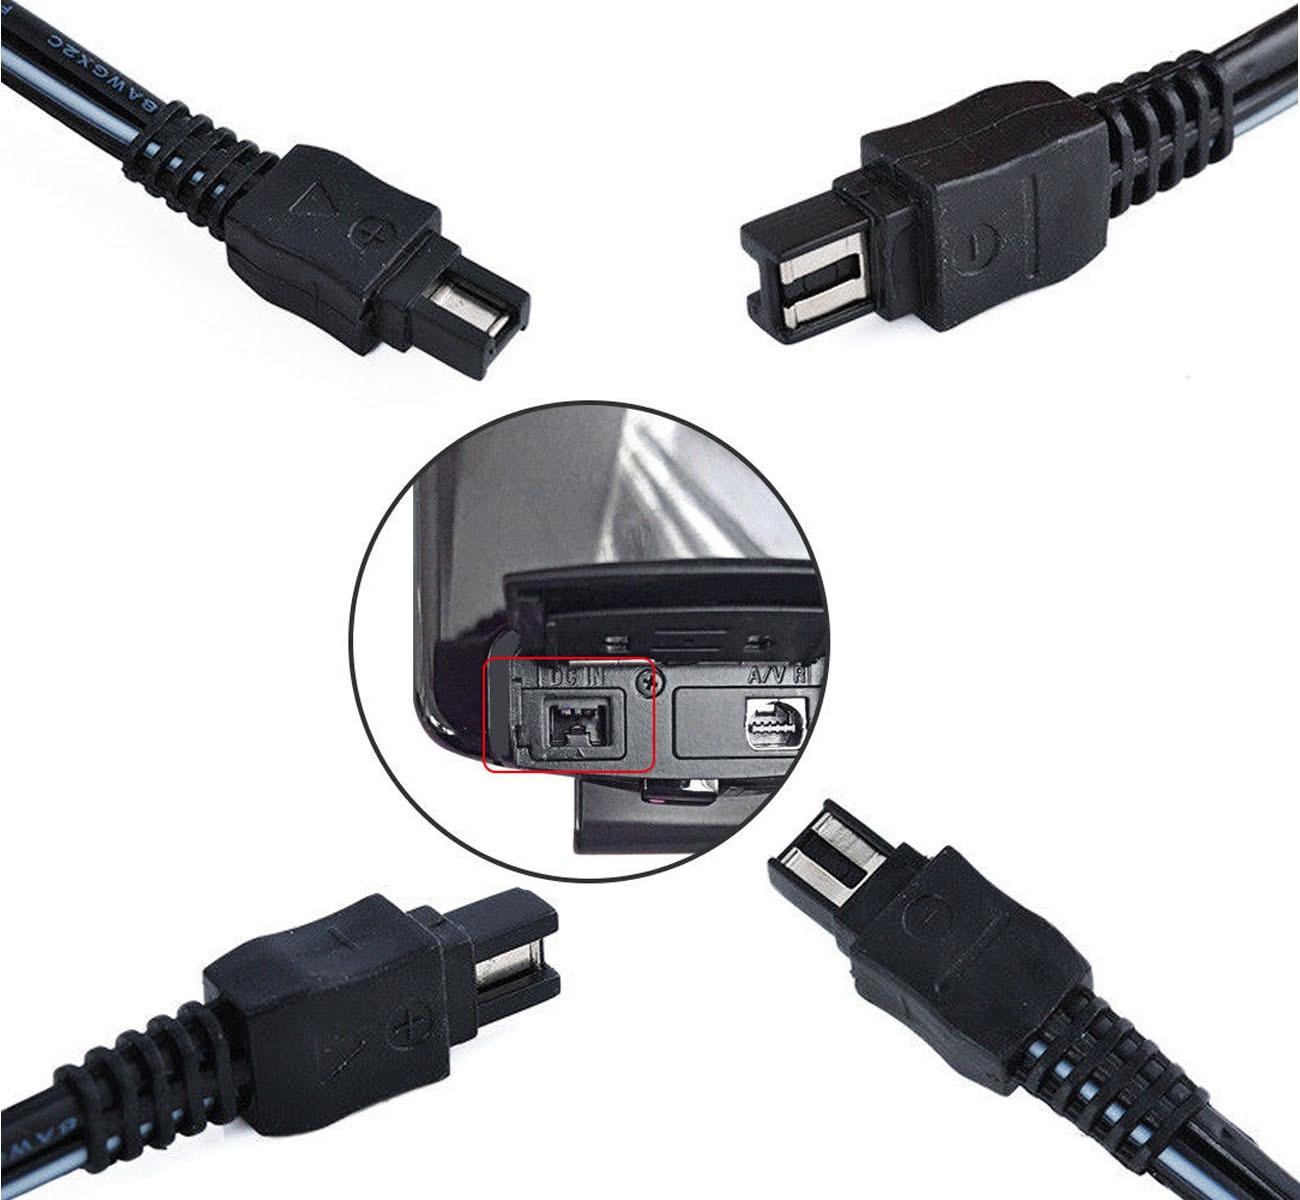 Battery Charger for Sony DCR-PJ5 HDR-PJ30V DCR-PJ6 HDR-PJ50V Handycam Camcorder HDR-PJ10 HDR-PJ40V HDR-PJ20